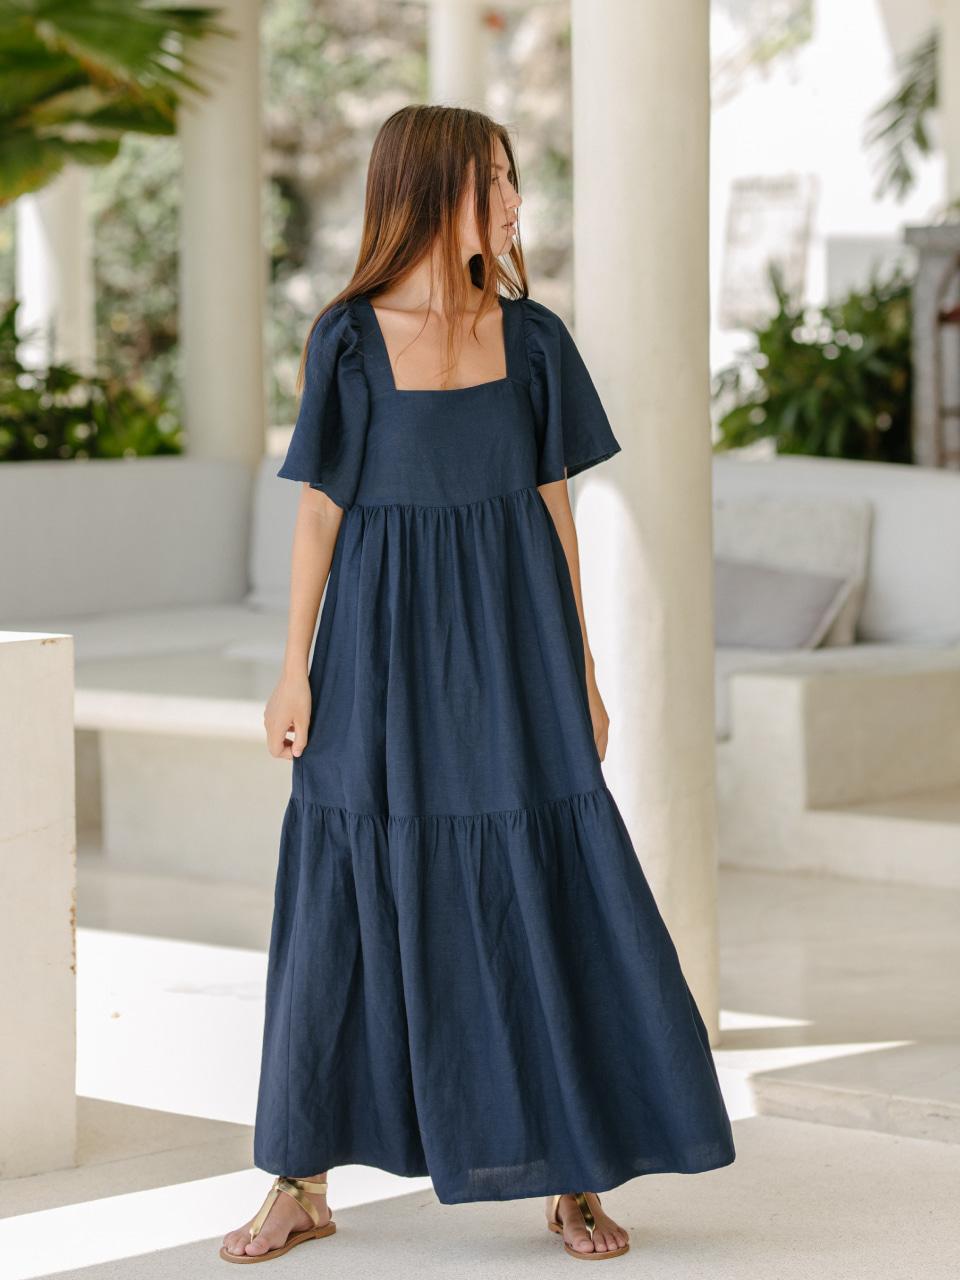 INDIGO MAXI DRESSswimwear,수영복,비키니,데이즈데이즈,dazedayz,디자이너수영복,디자이너스위웨어,디자이너수영복,리조트웨어,